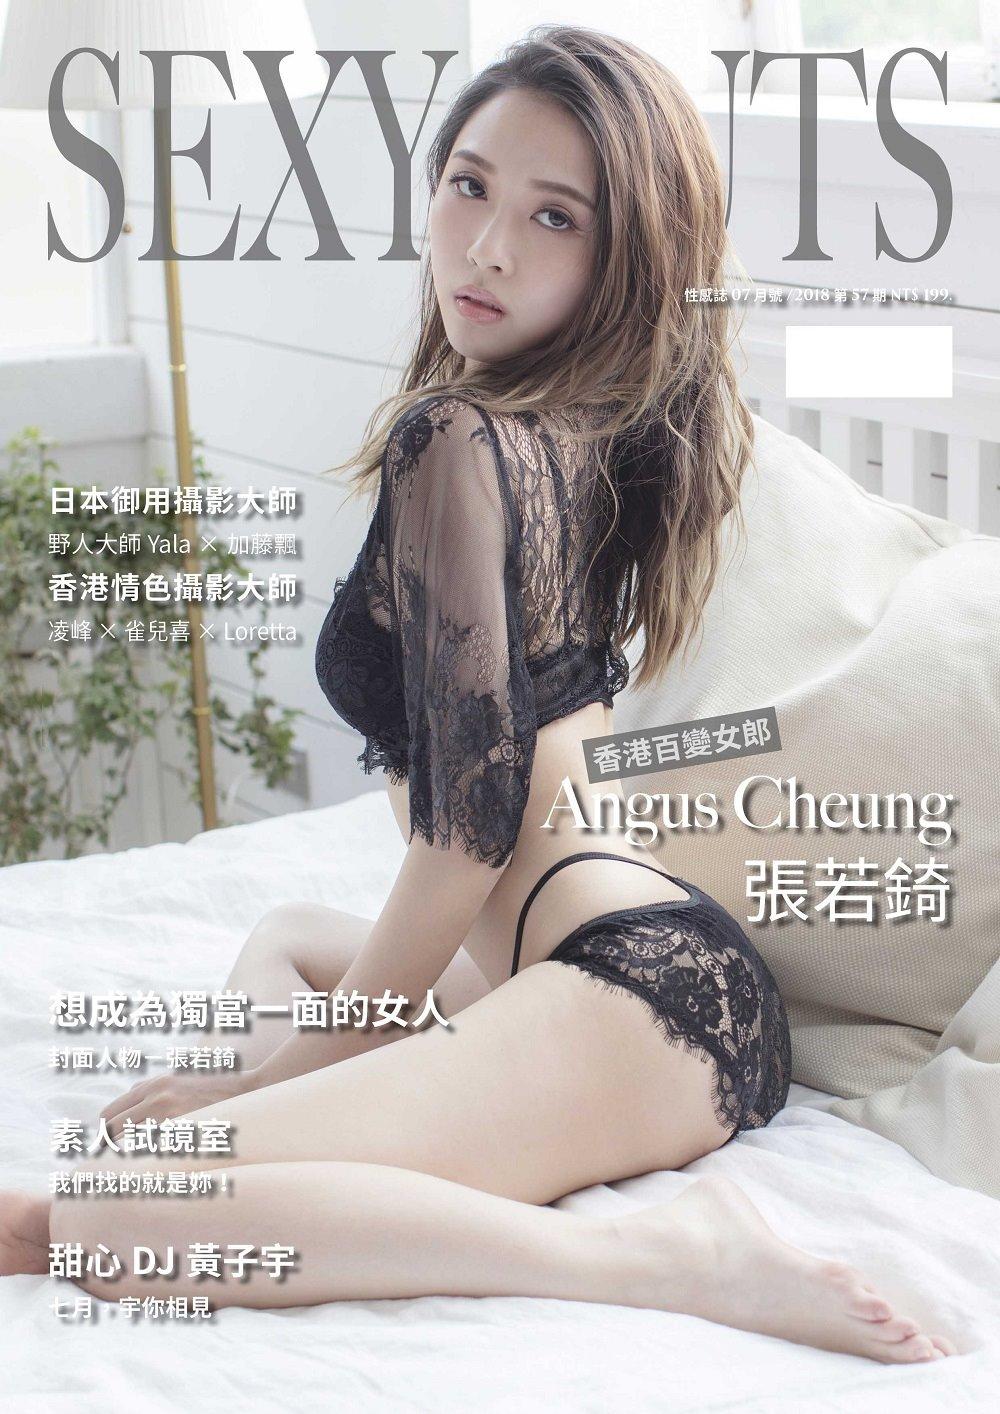 SEXY NUTS性感誌 7月號/2018 第57期